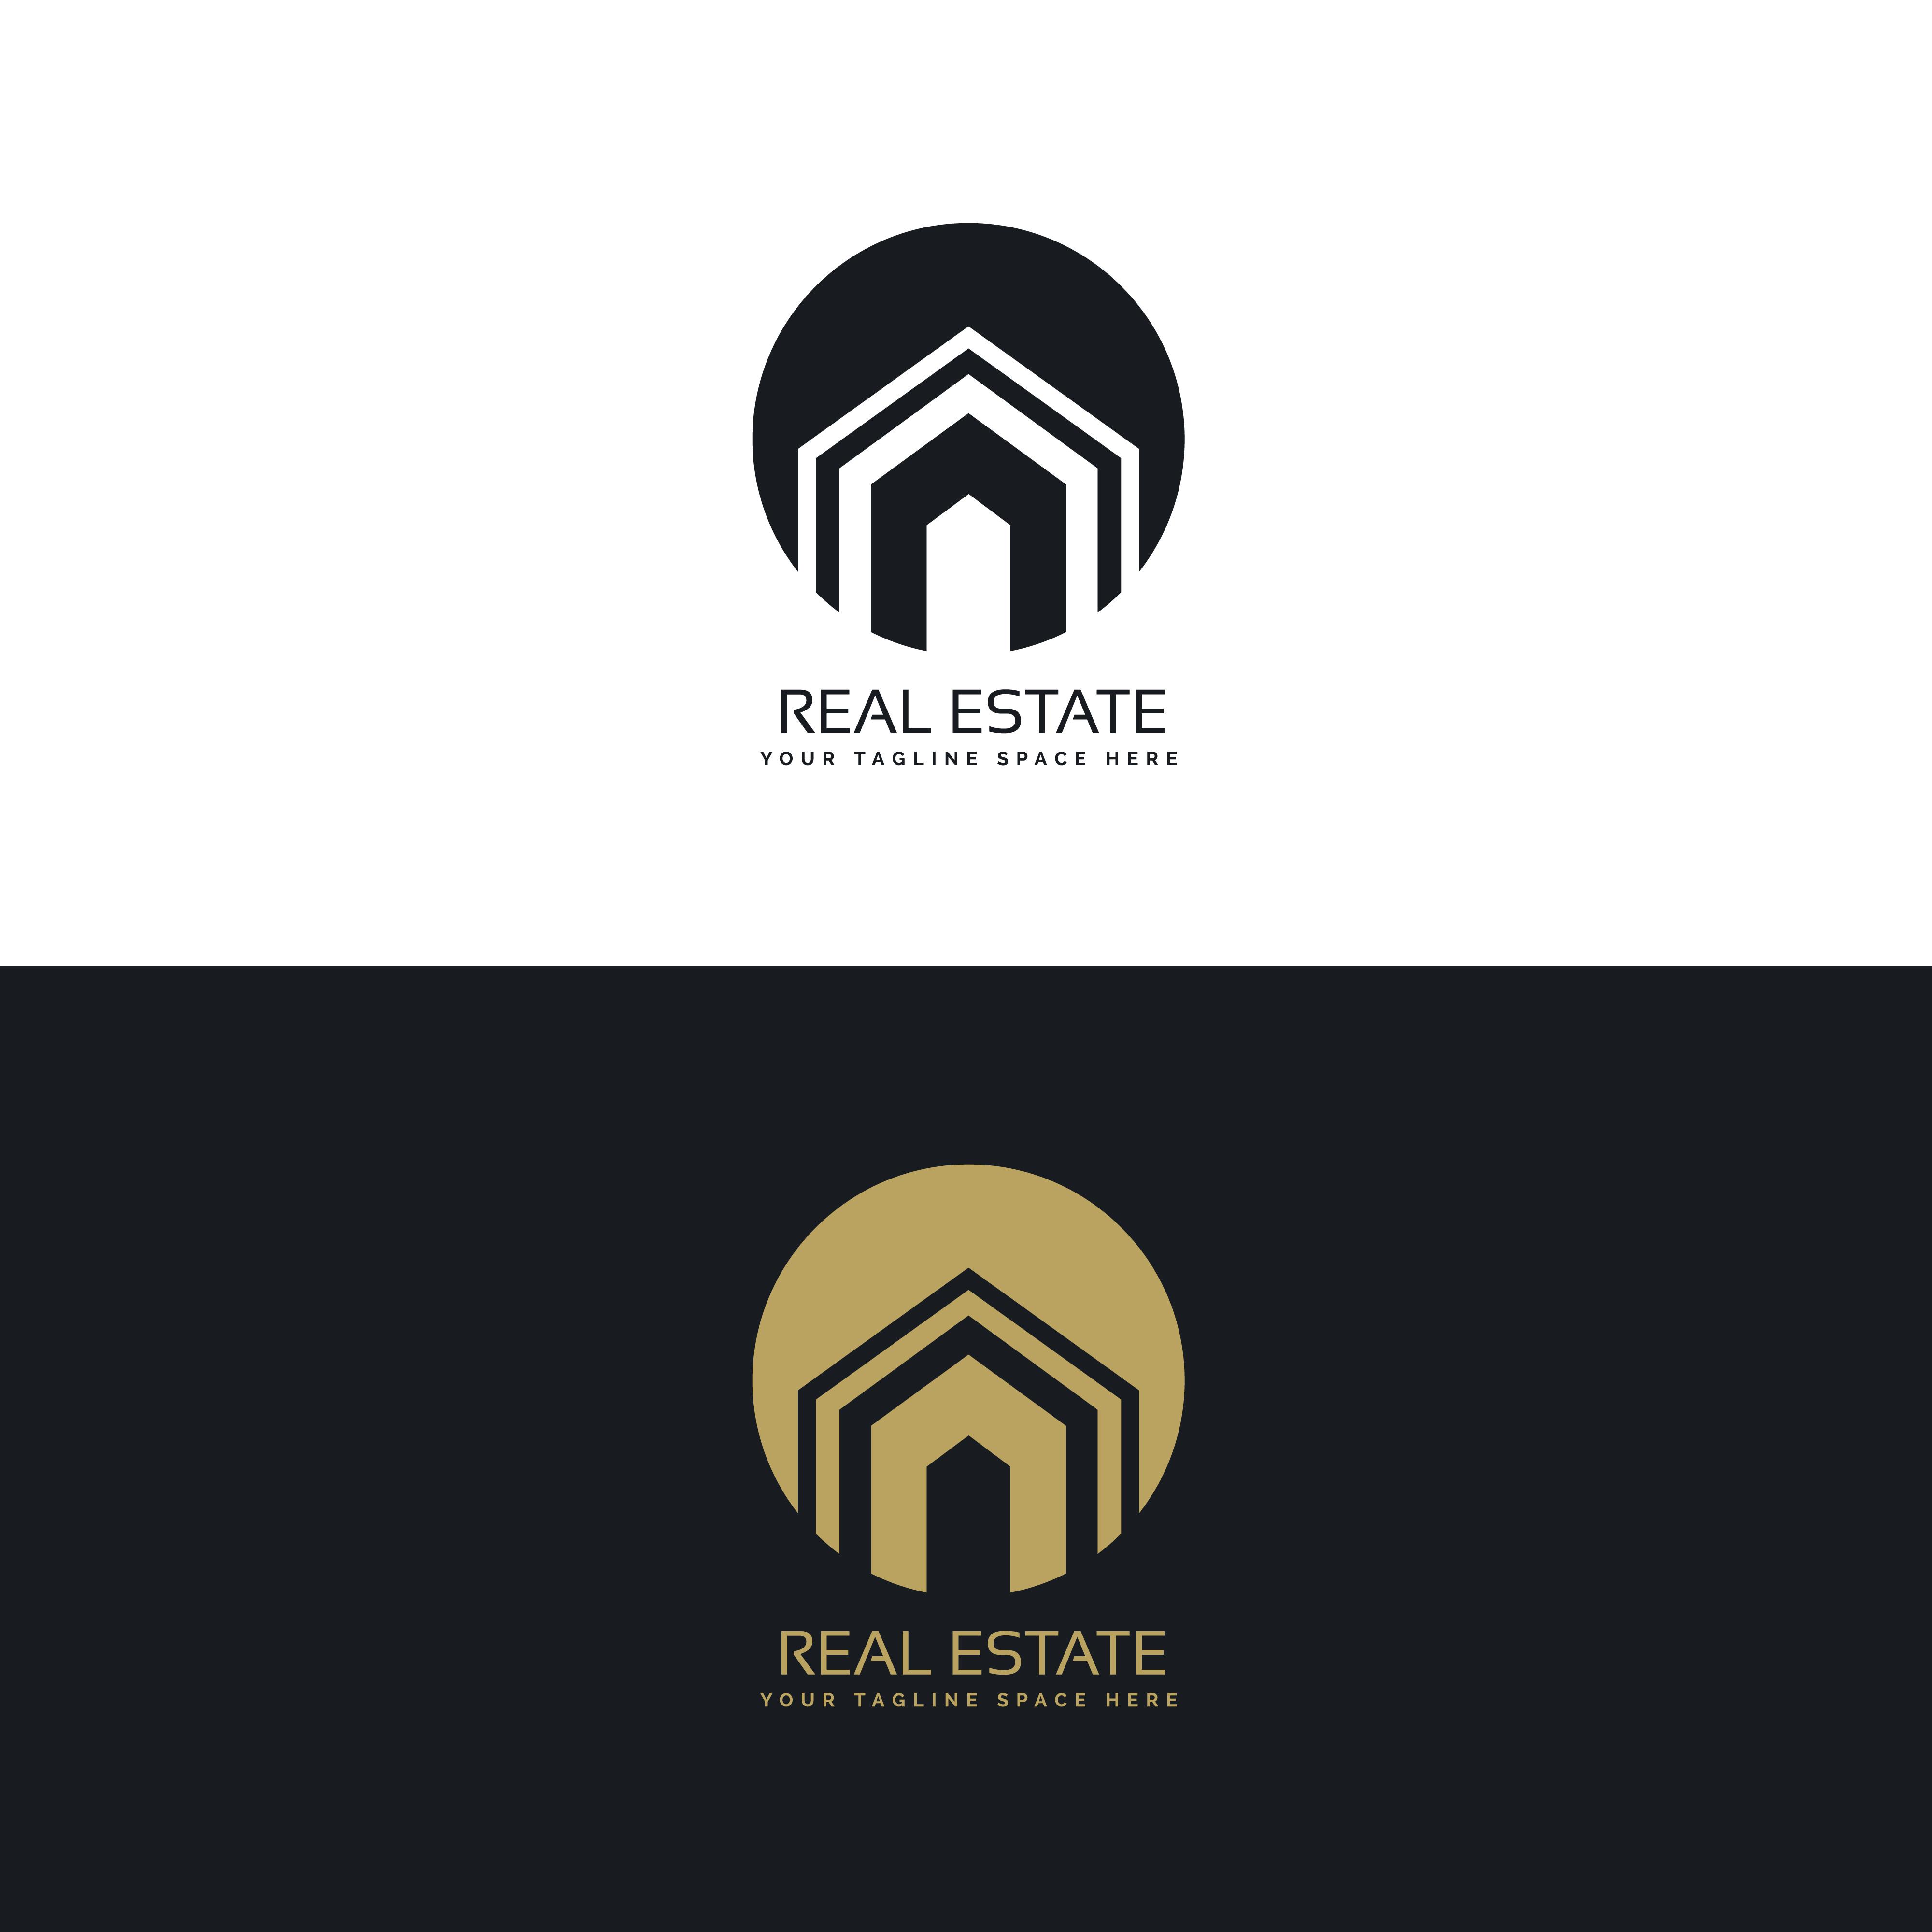 Modern real estate or house logo design concept download for House logo design free